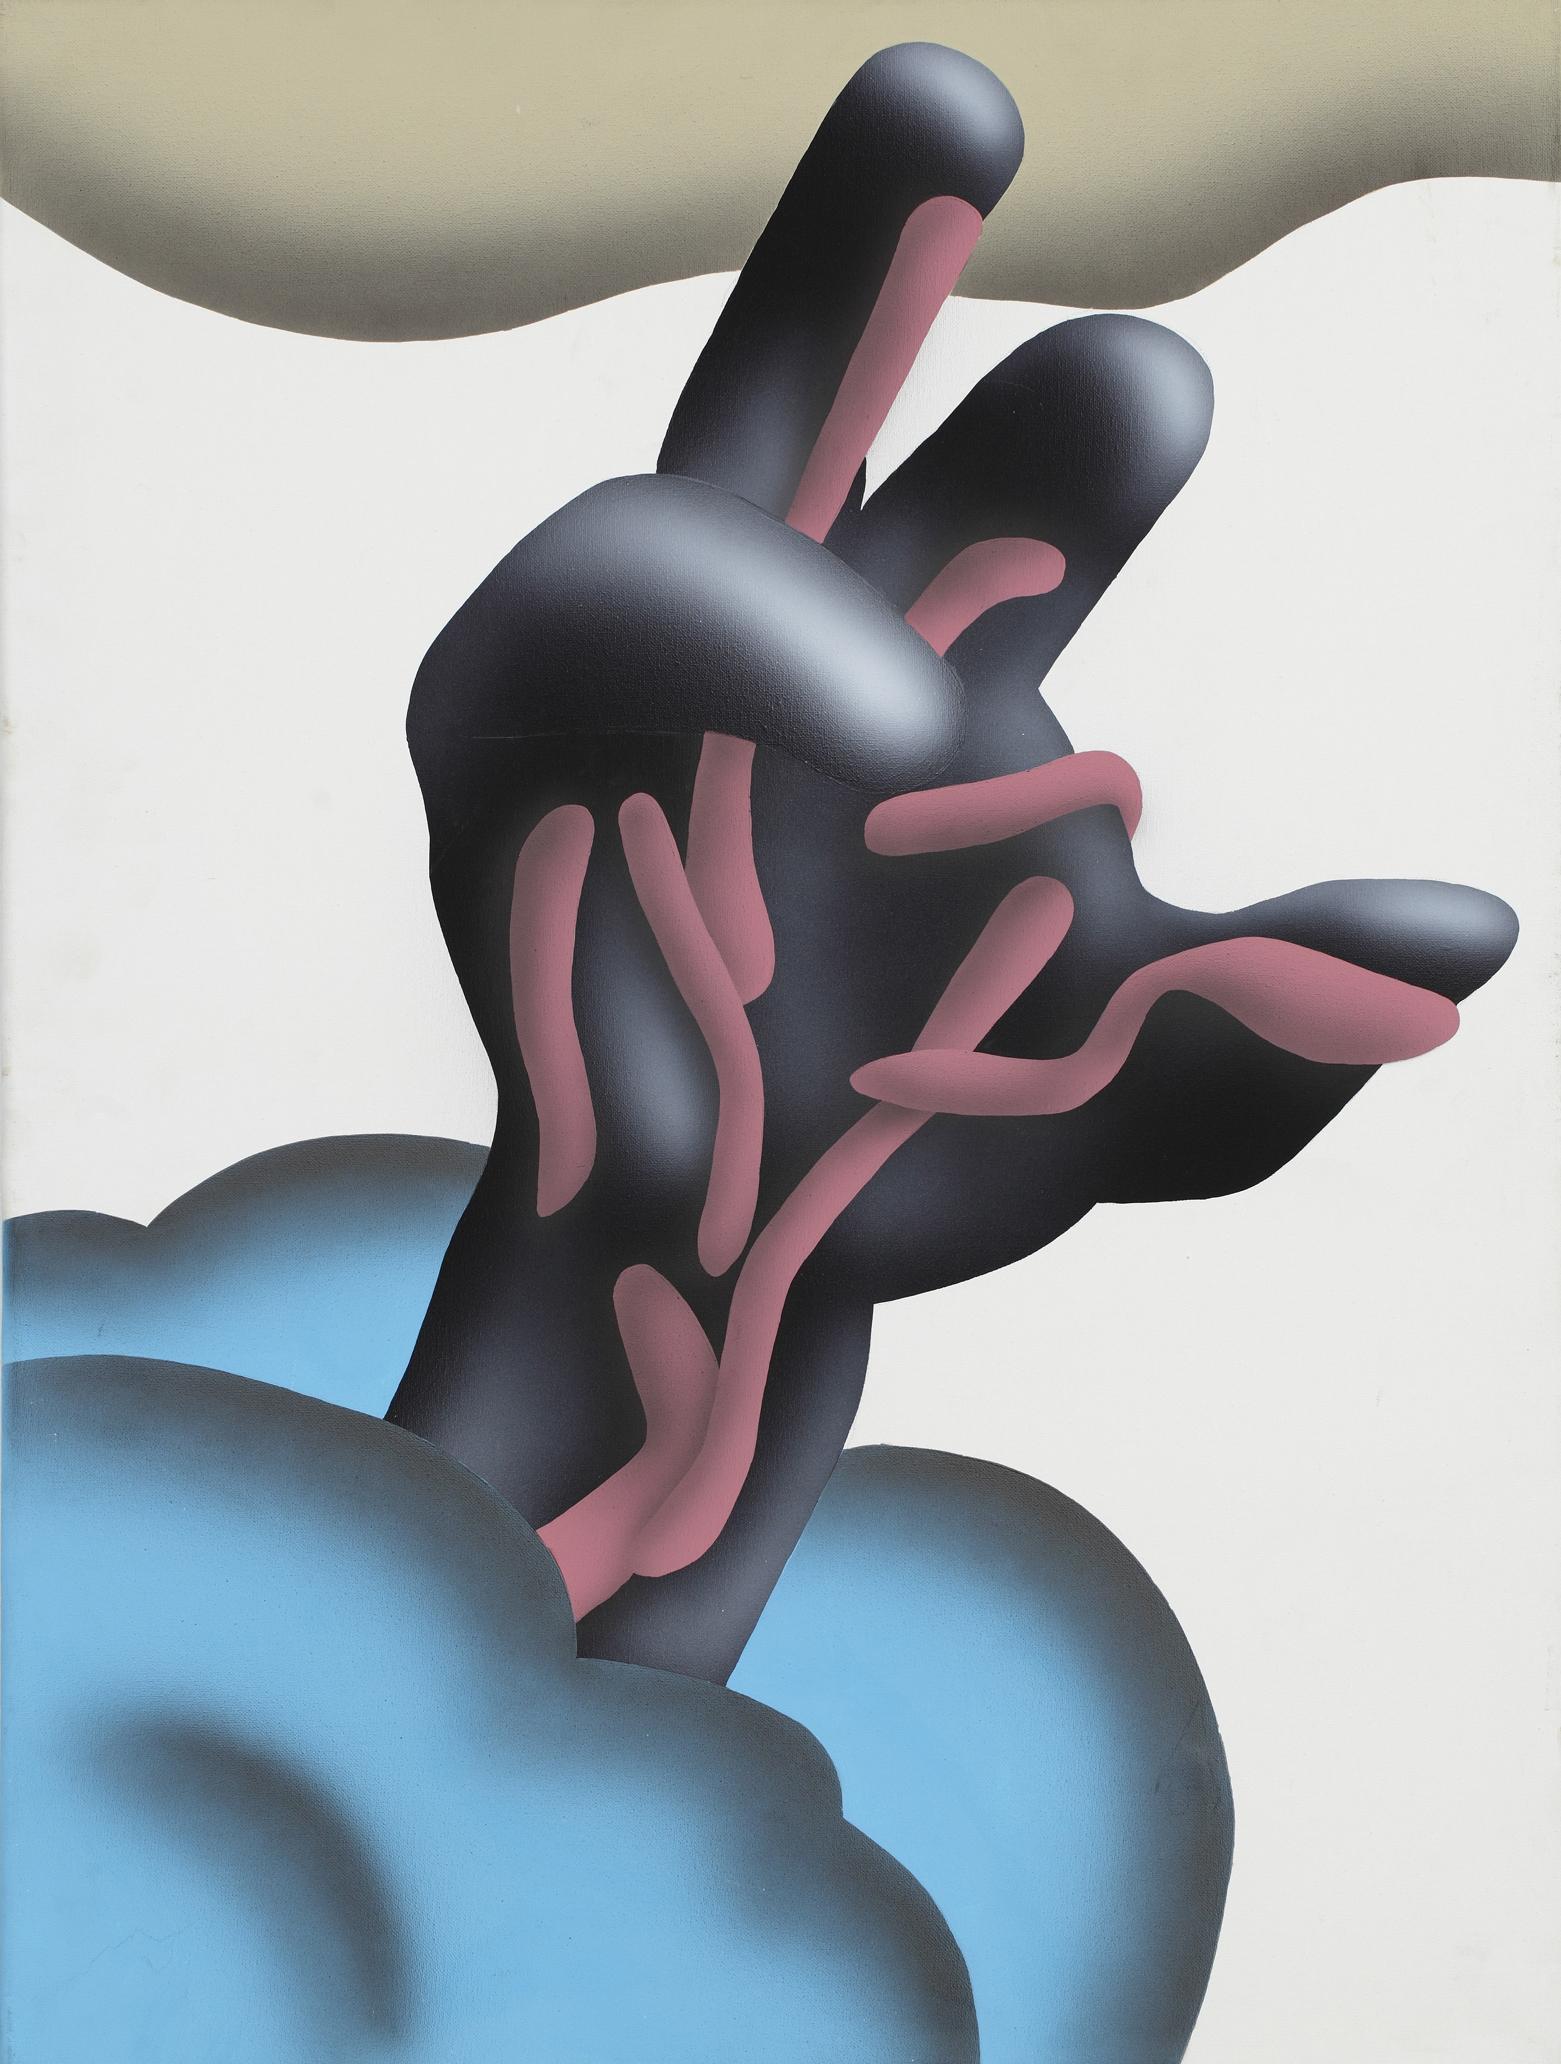 Arms, 2008, acrylic on canvas, 190 x 220 cm